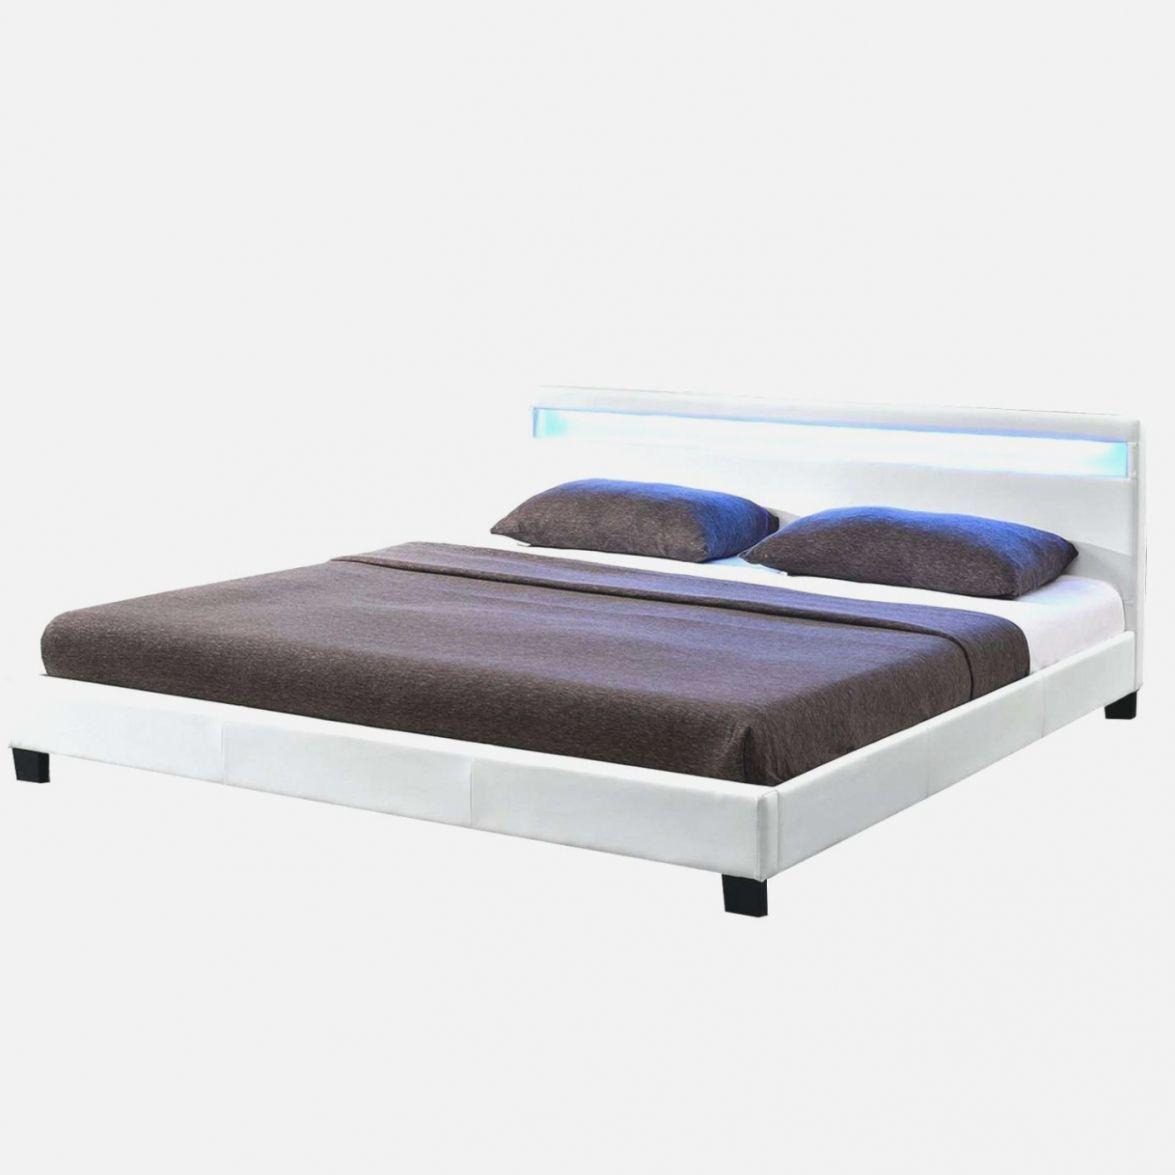 Polsterliege 120 200 Inspirierend Neu Polsterbett Mit Led Led Von Led Bett 120x200 In 2020 Futonbett Mit Matratze Weisses Bett Bett